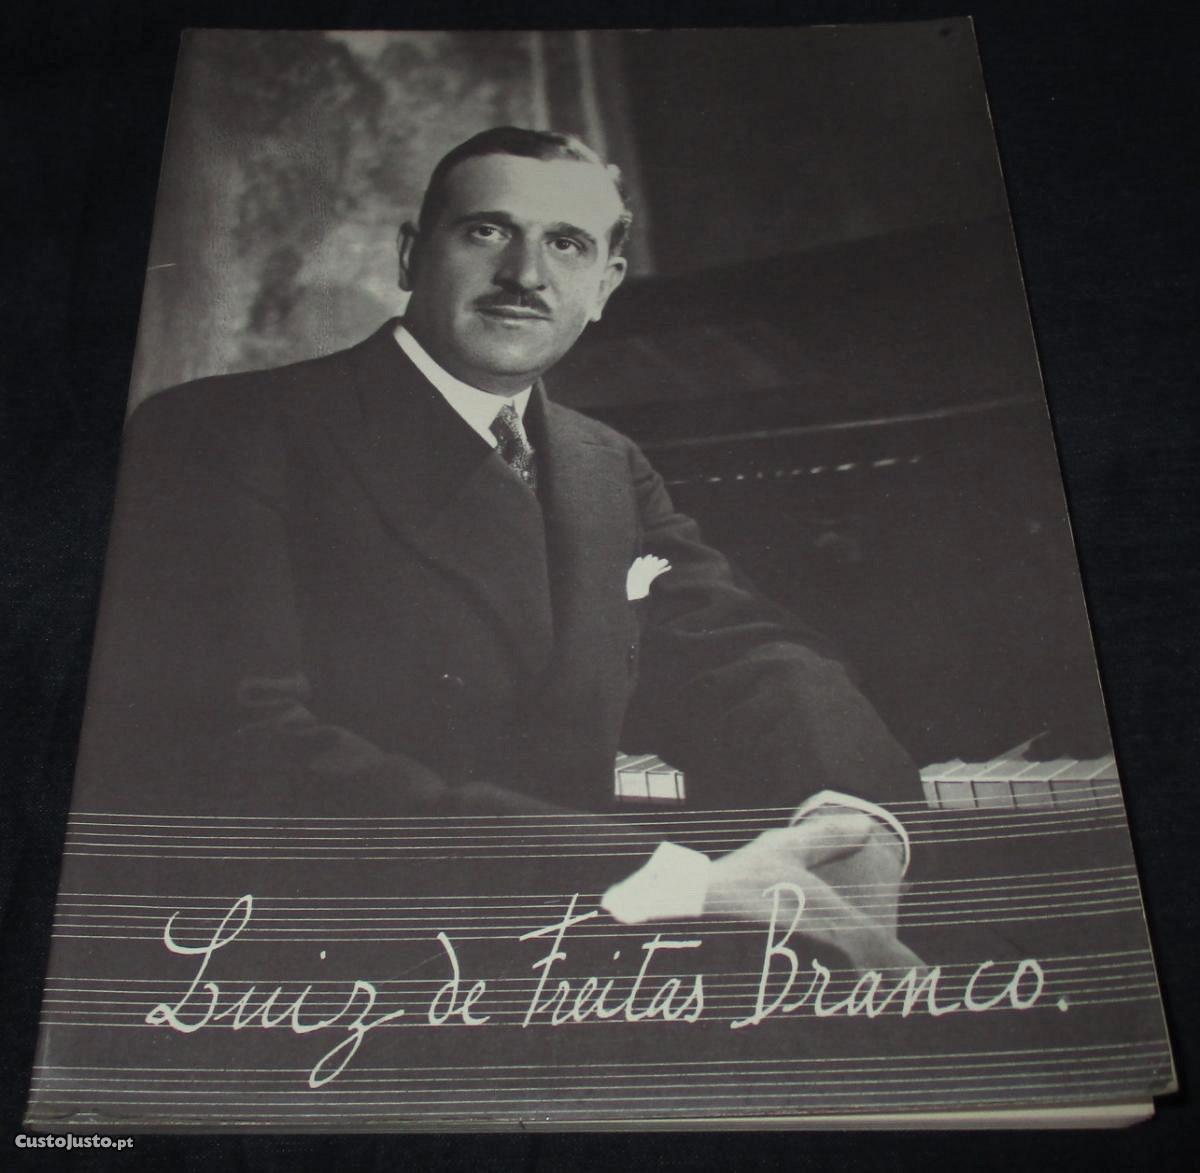 Livro Luiz de Freitas Branco Gulbenkian 1975 - à venda - Livros, Lisboa -  CustoJusto.pt